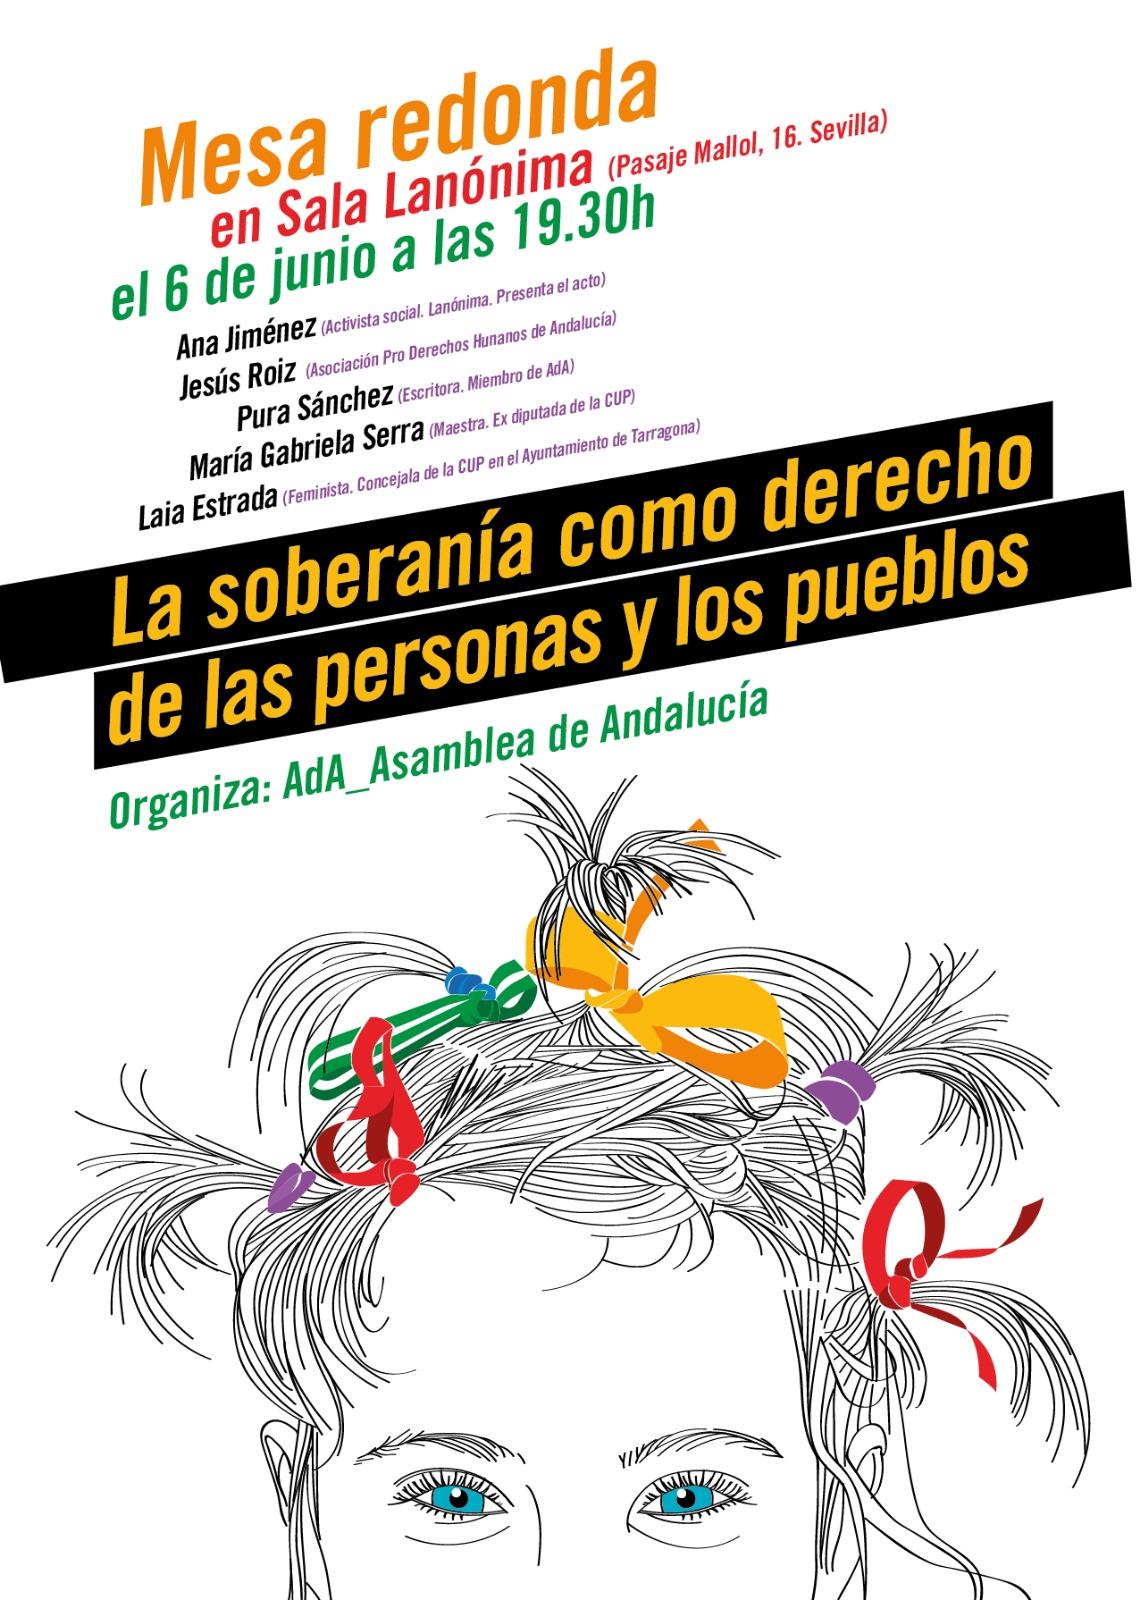 Mesa redonda LA SOBERANÍA COMO DERECHO DE LAS PERSONAS Y LOS PUEBLOS miércoles 6 de junio